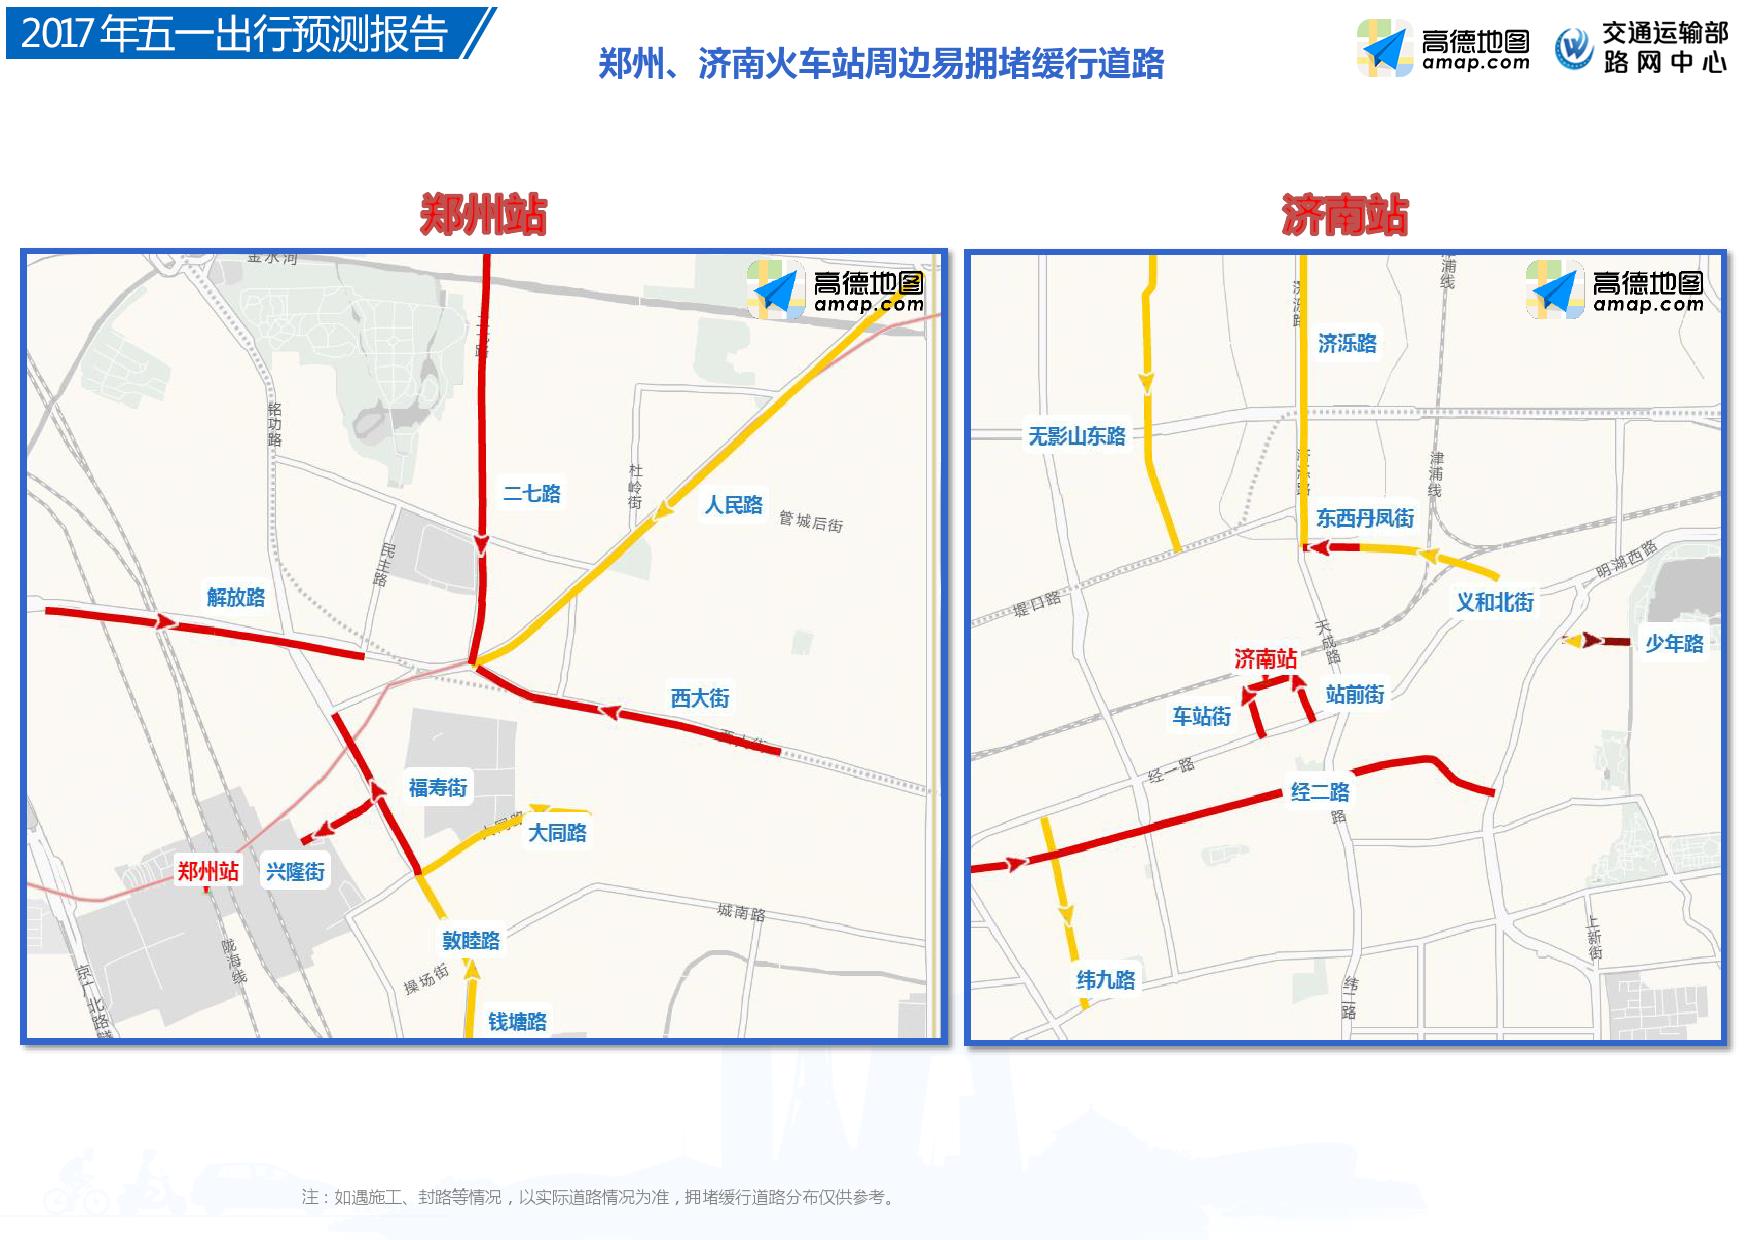 高德地图五一出行预测数据报告:东莞深圳北京高速最拥堵